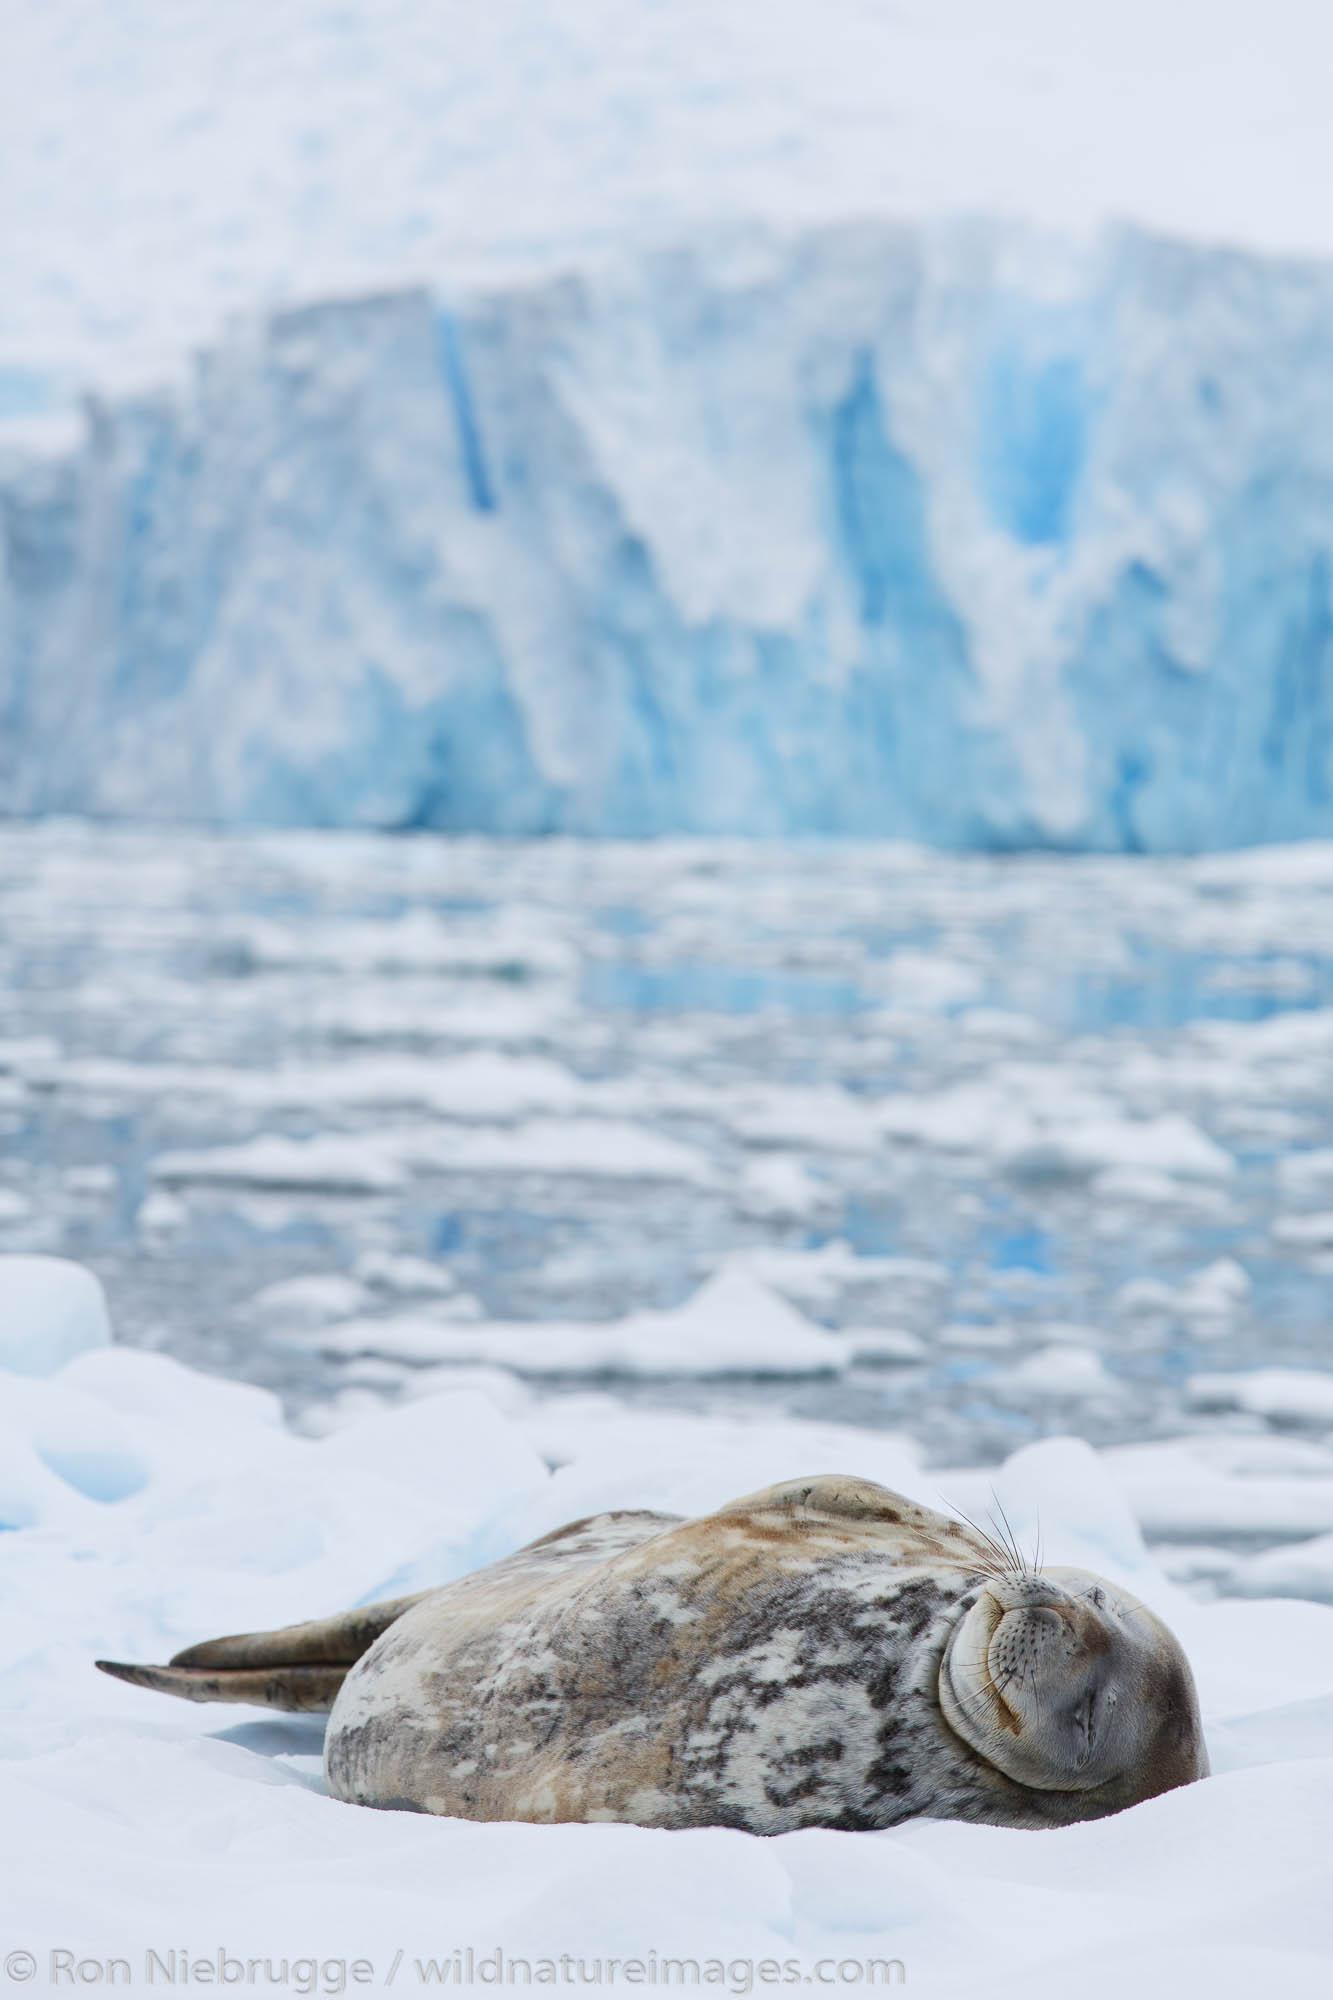 Weddell seal, (Leptonychotes weddellii), Cierva Cove, Antarctica.